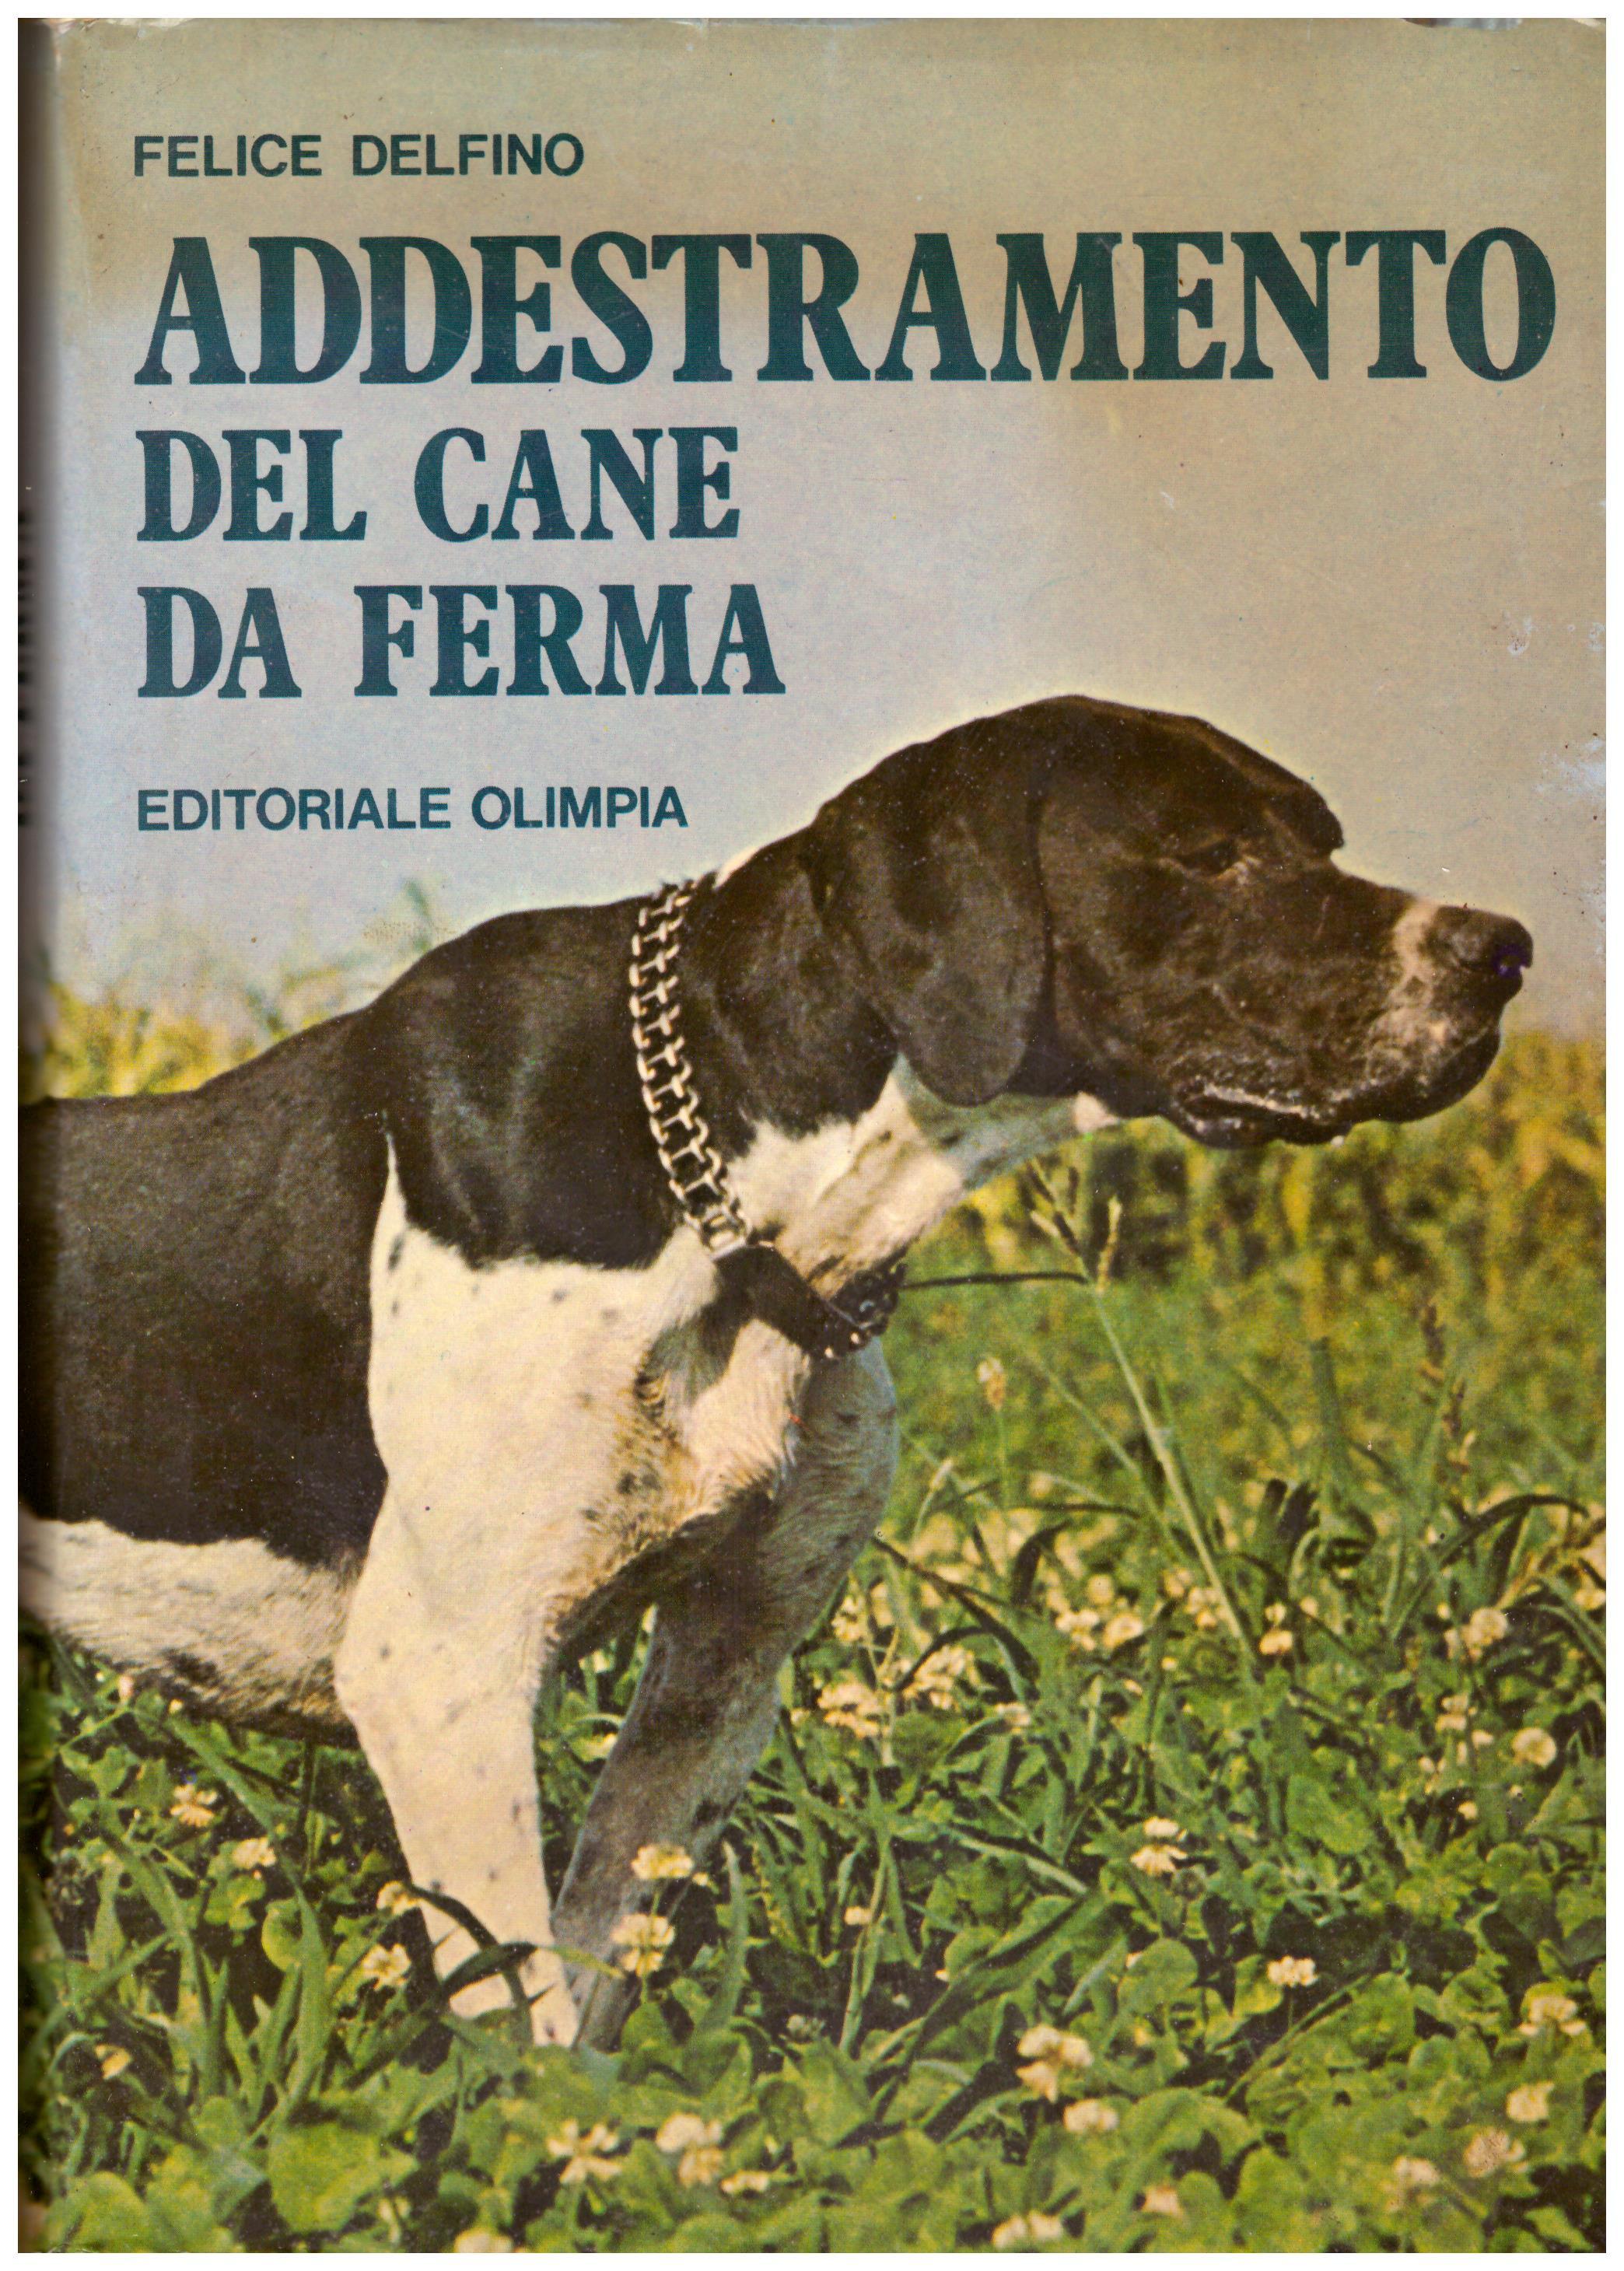 Titolo: Addestramento del cane da ferma Autore: felice Delfino  Editore: editoriale olimpia, 1979